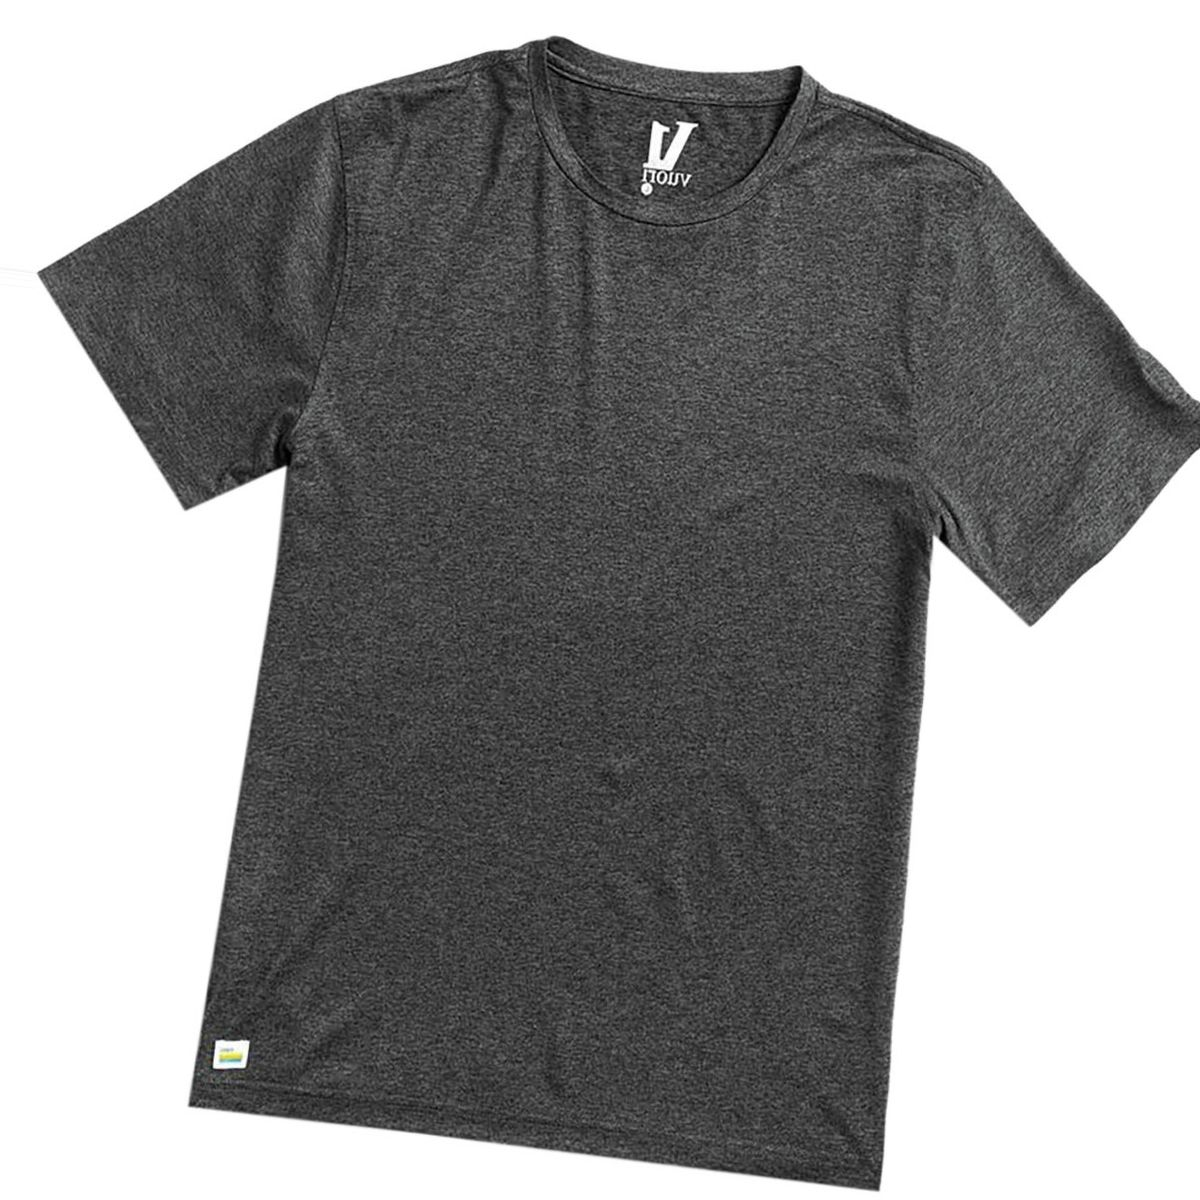 Vuori Strato Tech T-Shirt - Men's